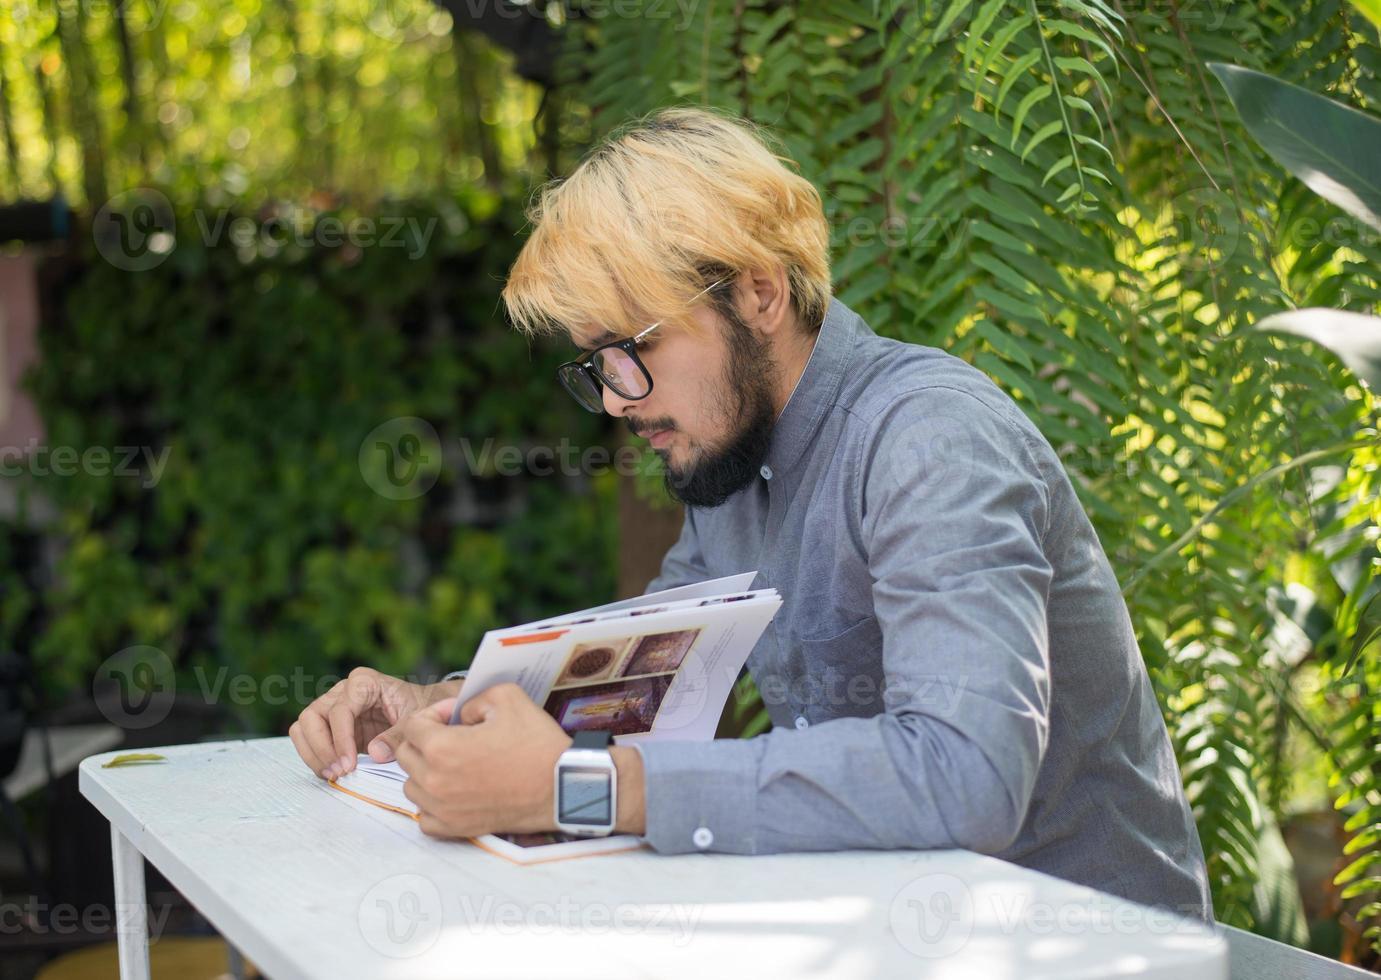 jeune homme barbe hipster lisant des livres dans le jardin avec la nature. concept de l'éducation. photo